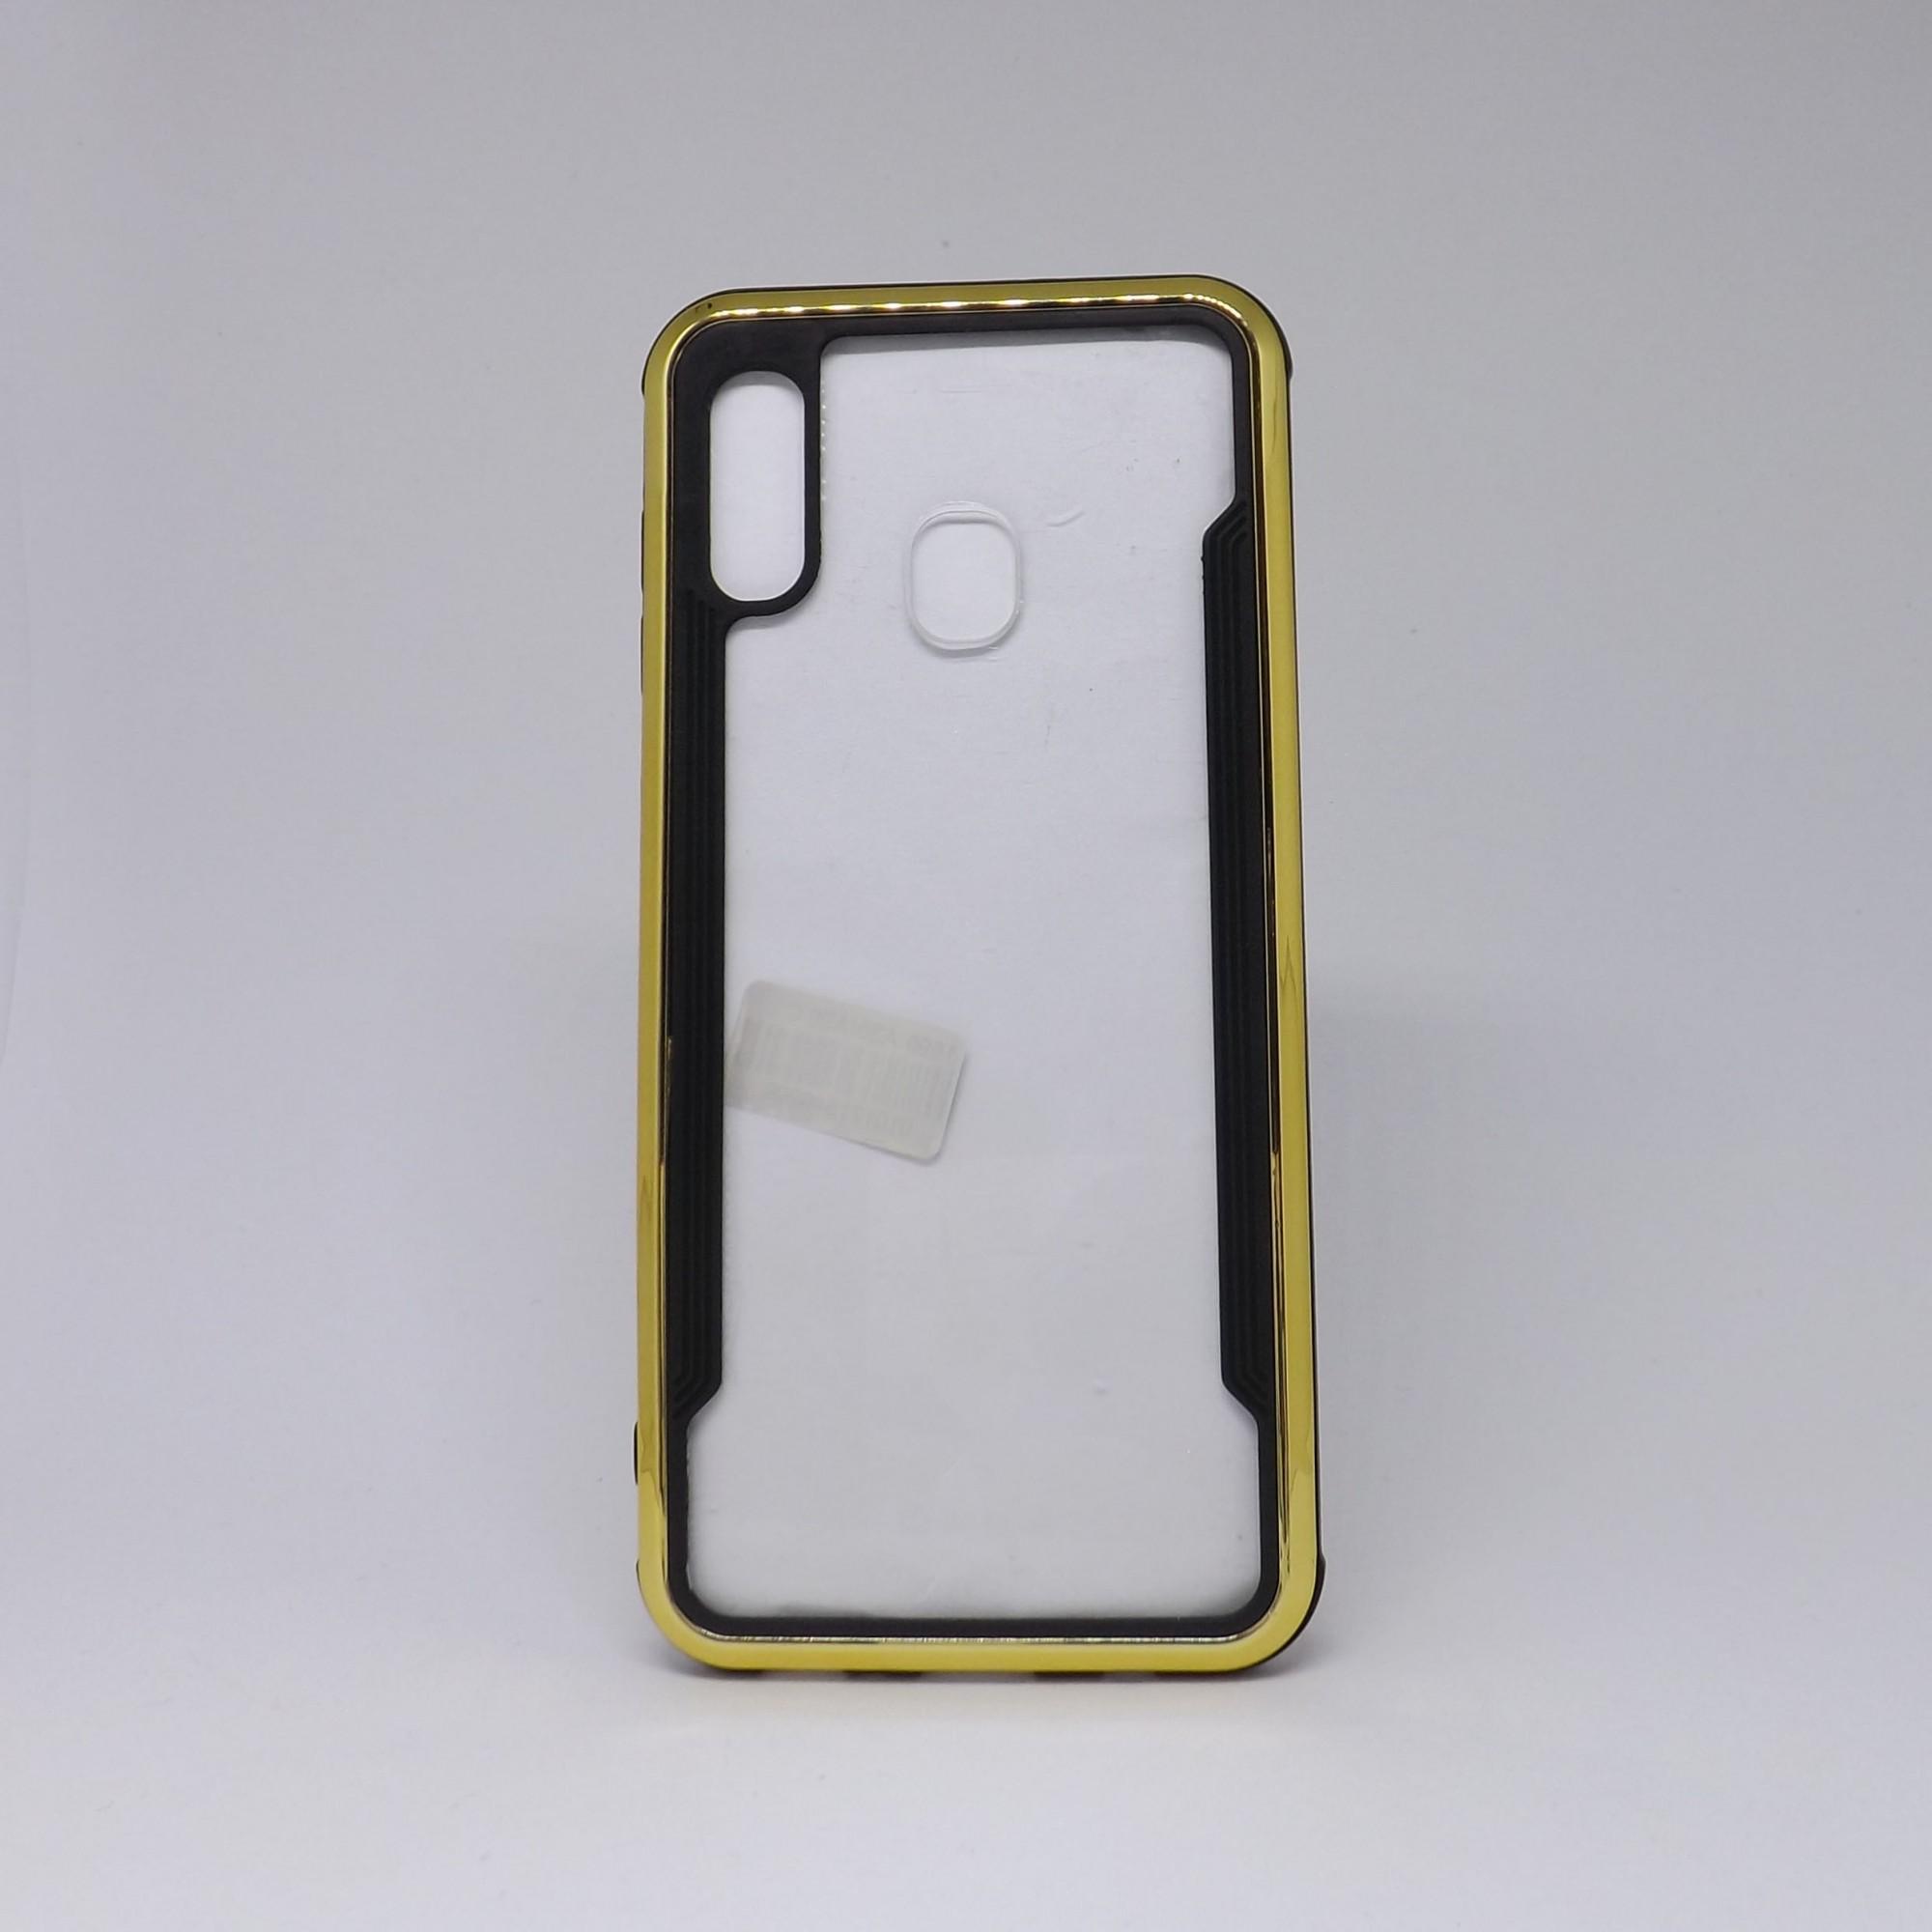 Capa Samsung Galaxy A20/30 Transparente com Borda Metalizada